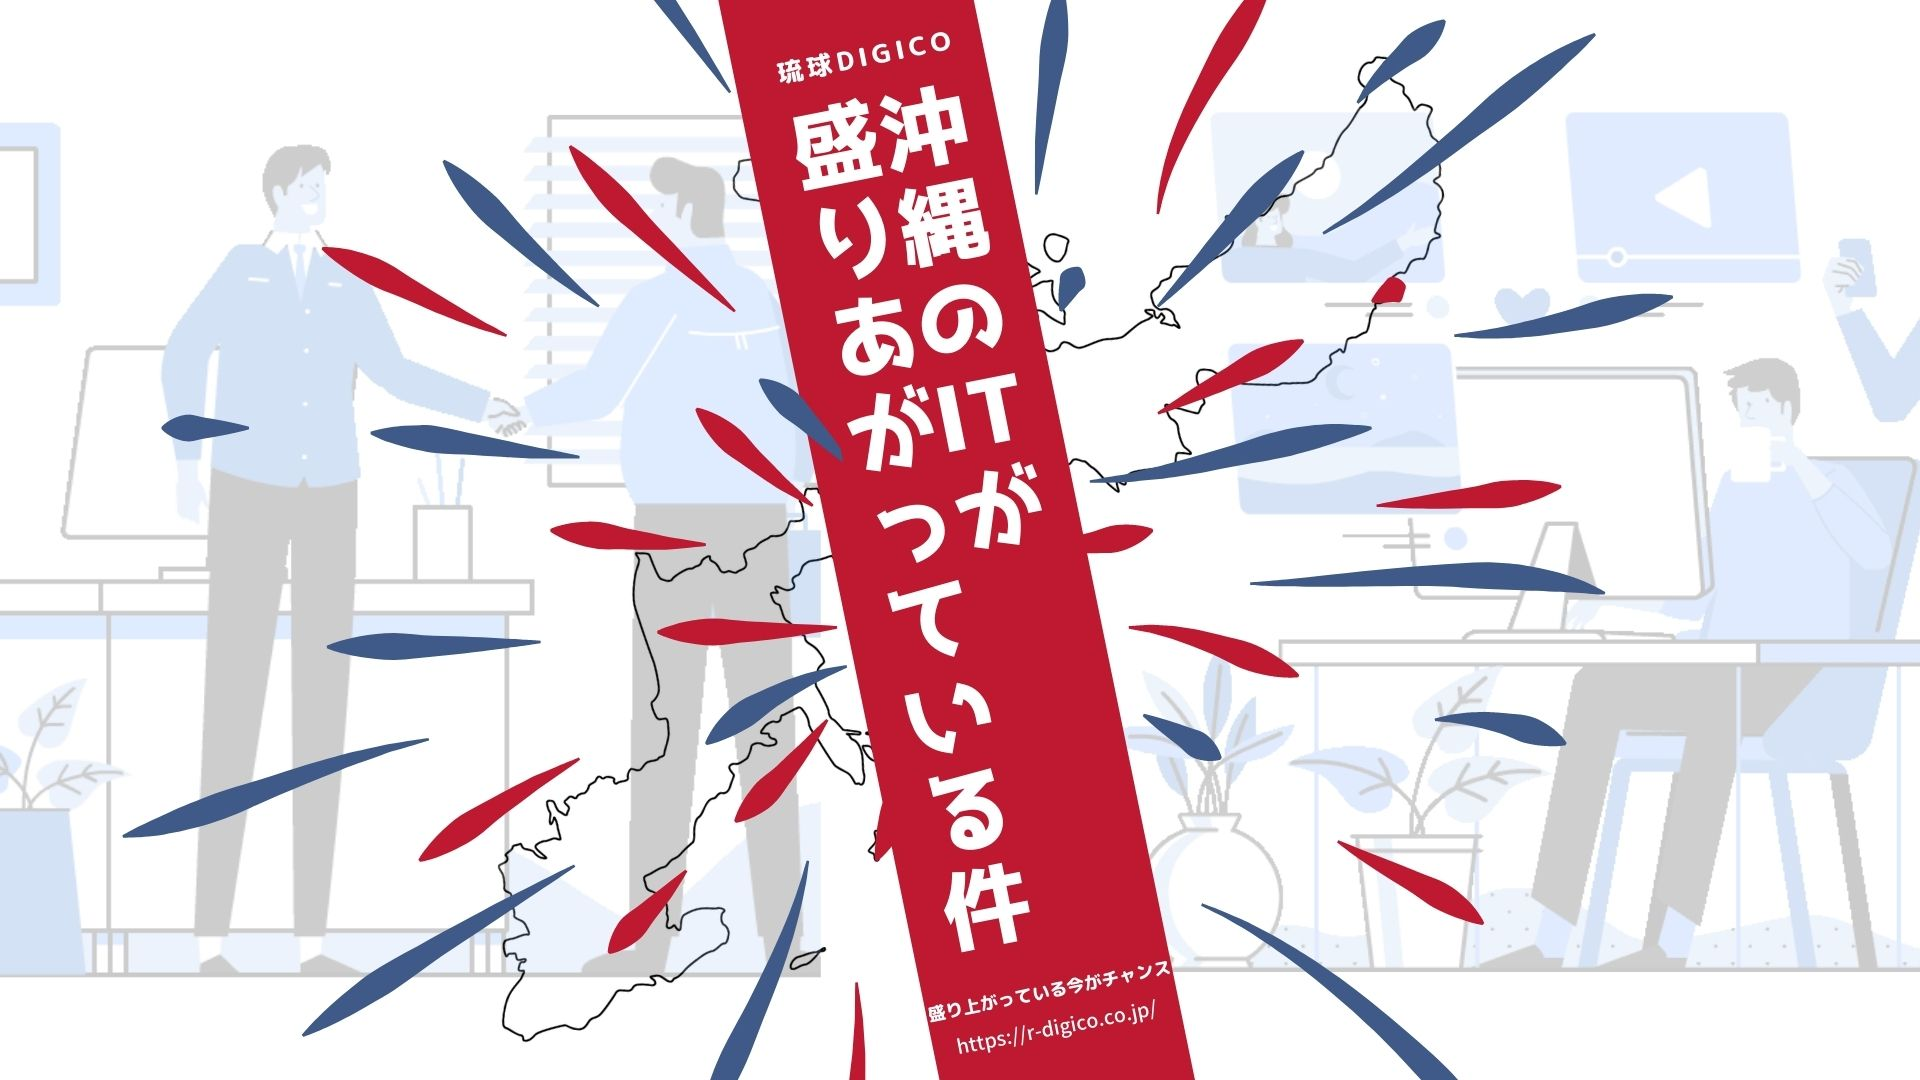 【沖縄のITが盛り上がっている件】